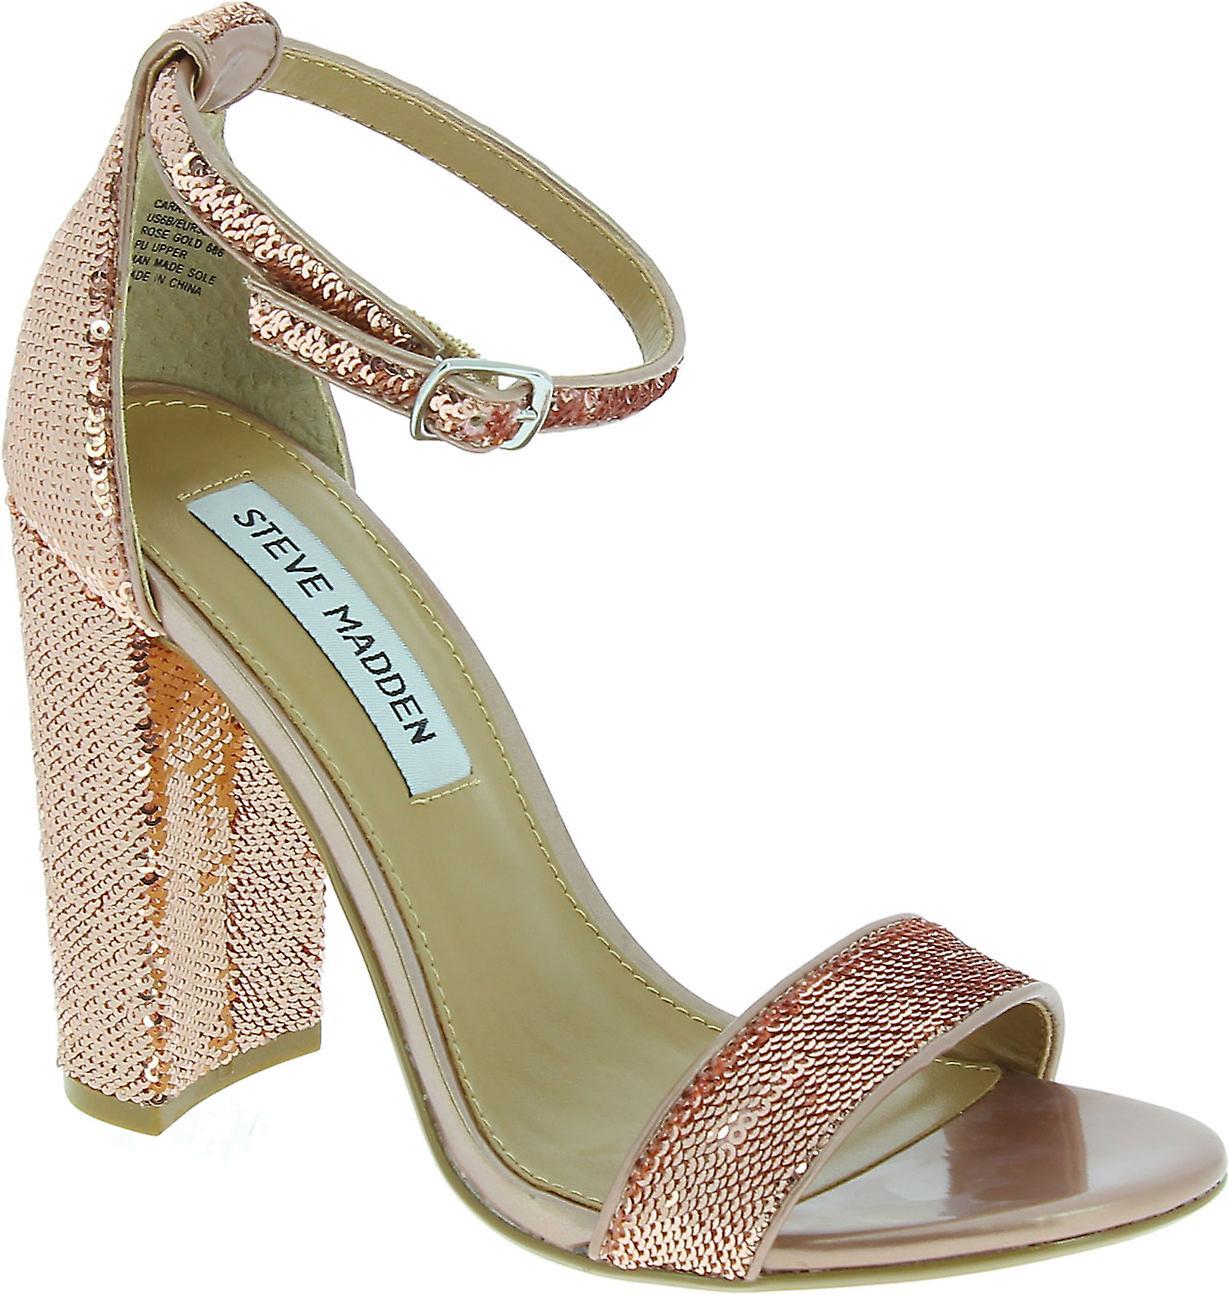 Steve Madden Kobiety's pasek kostki blok wysokie obcasy sandały w różowych cekinów 0xCbi